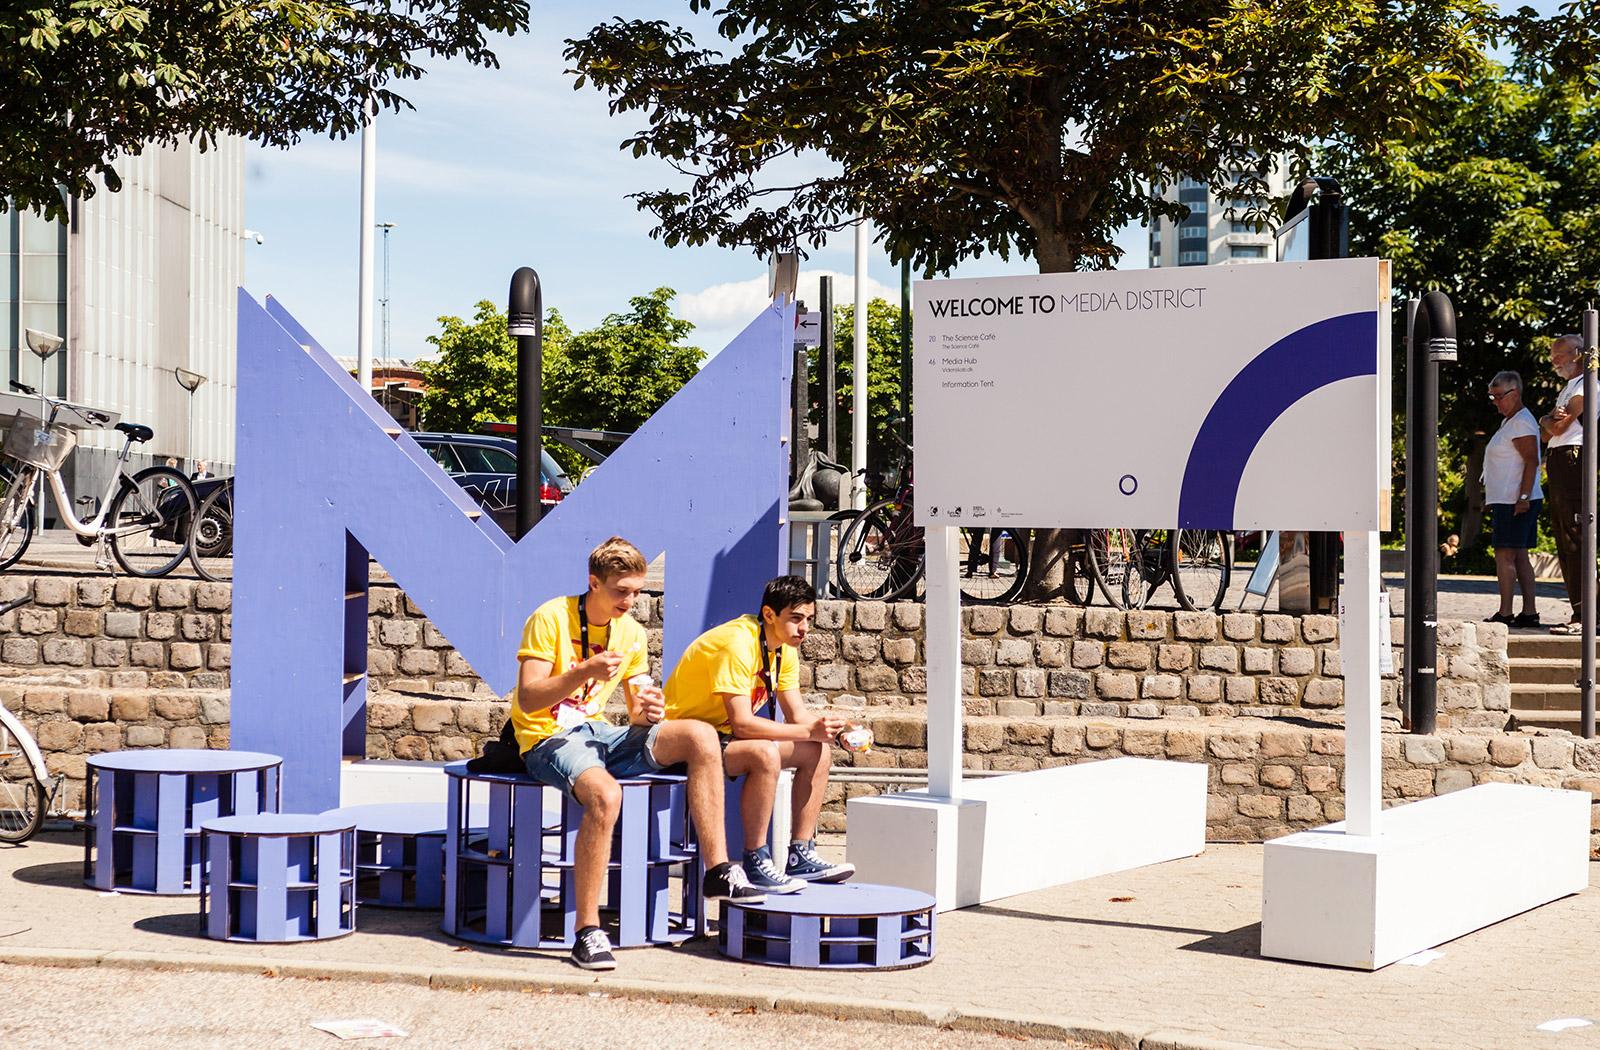 Science in the City – Videnskabsfestival, Offentlighedsprogram for ESOF 2014